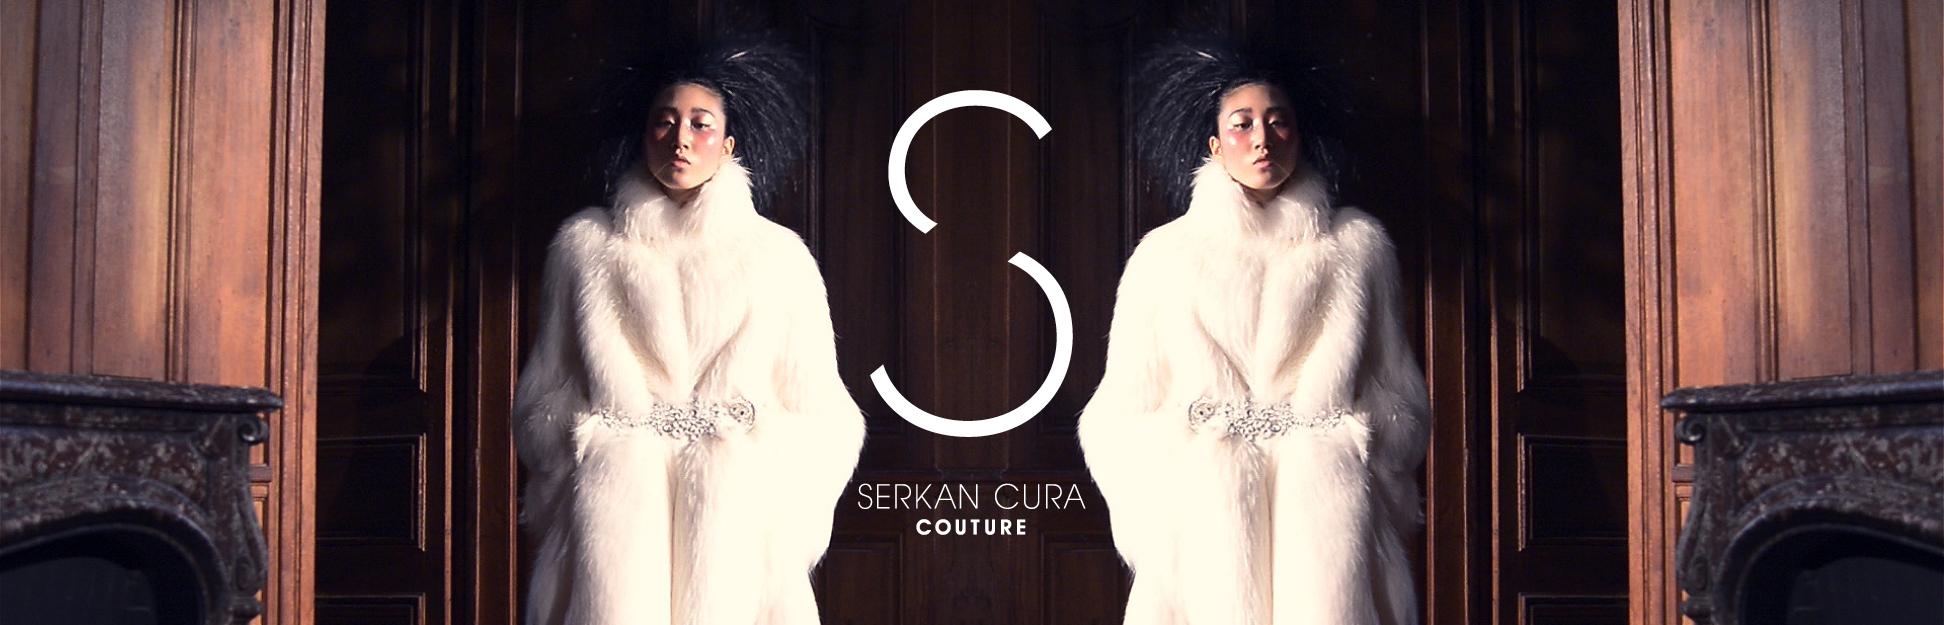 SERKAN_CURA2